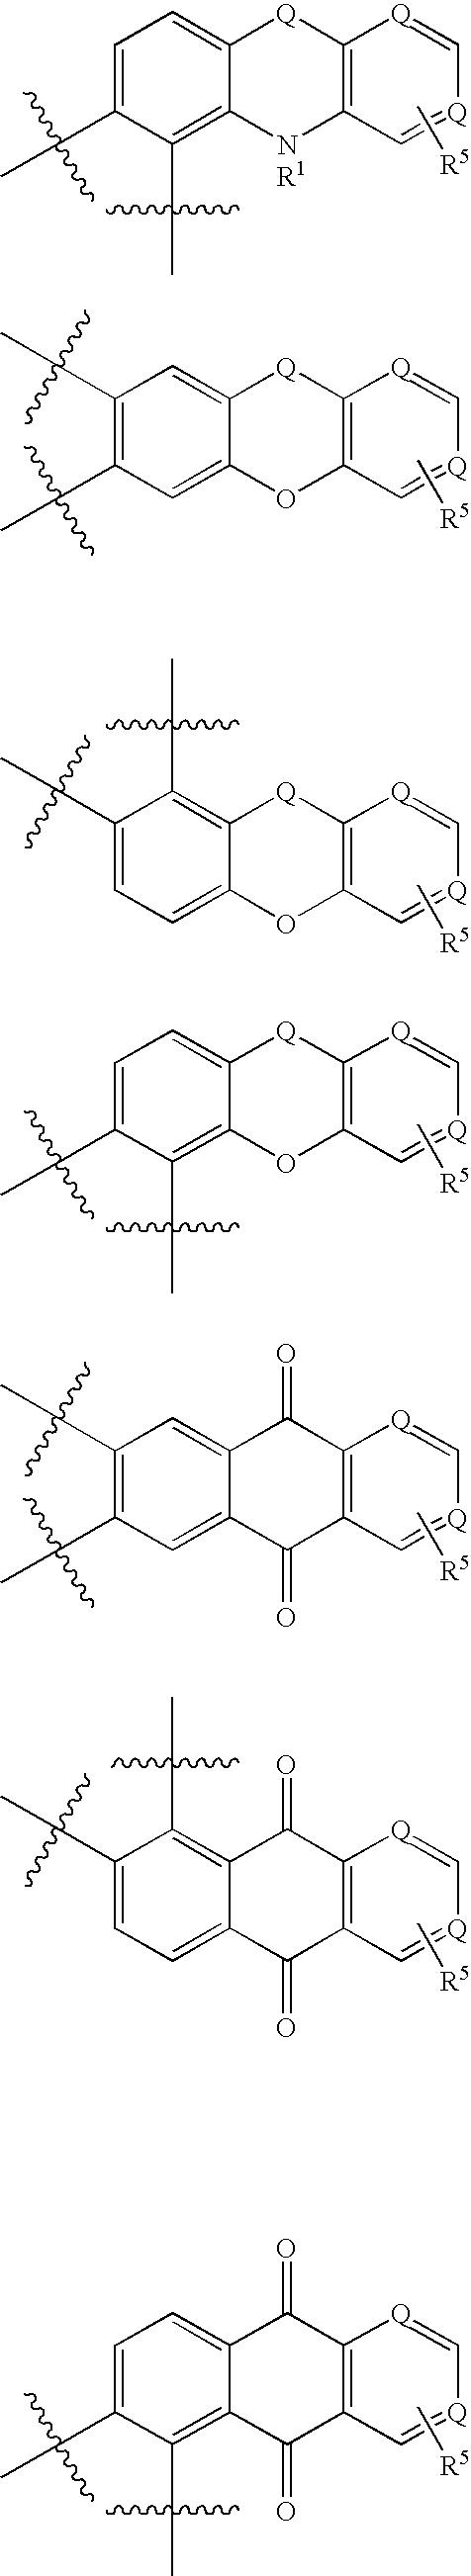 Figure US07326702-20080205-C00005